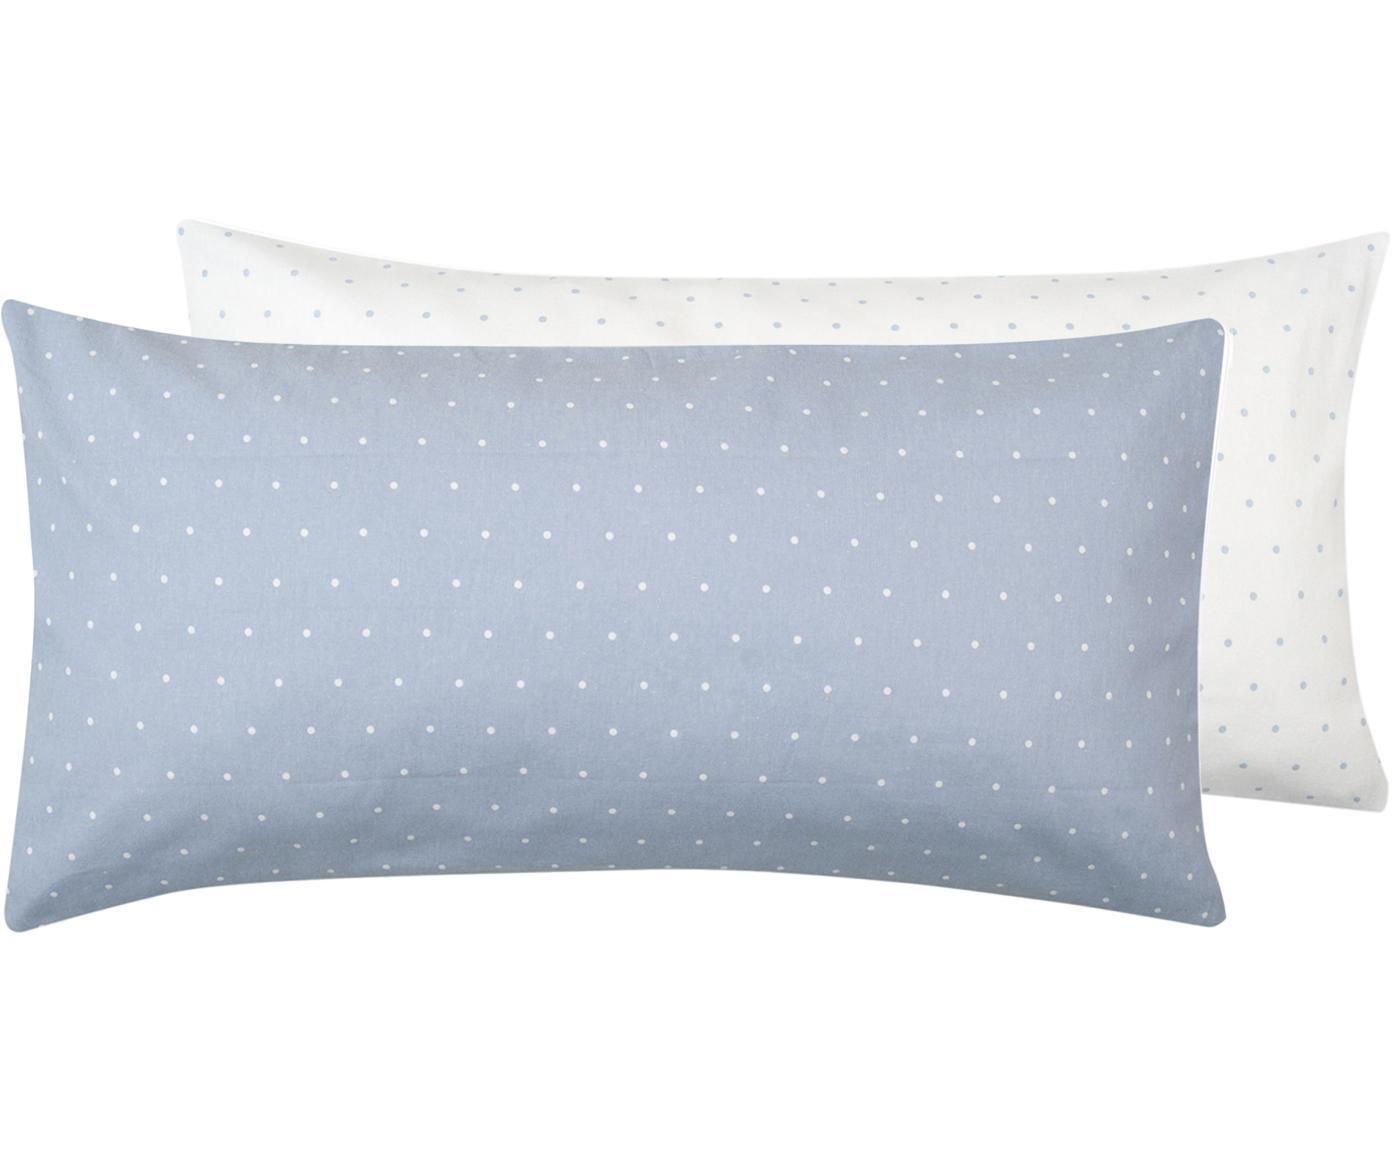 Dwustronna poszewka na poduszkę z flaneli Elisa, 2 szt., Jasny niebieski, biały, S 40 x D 80 cm